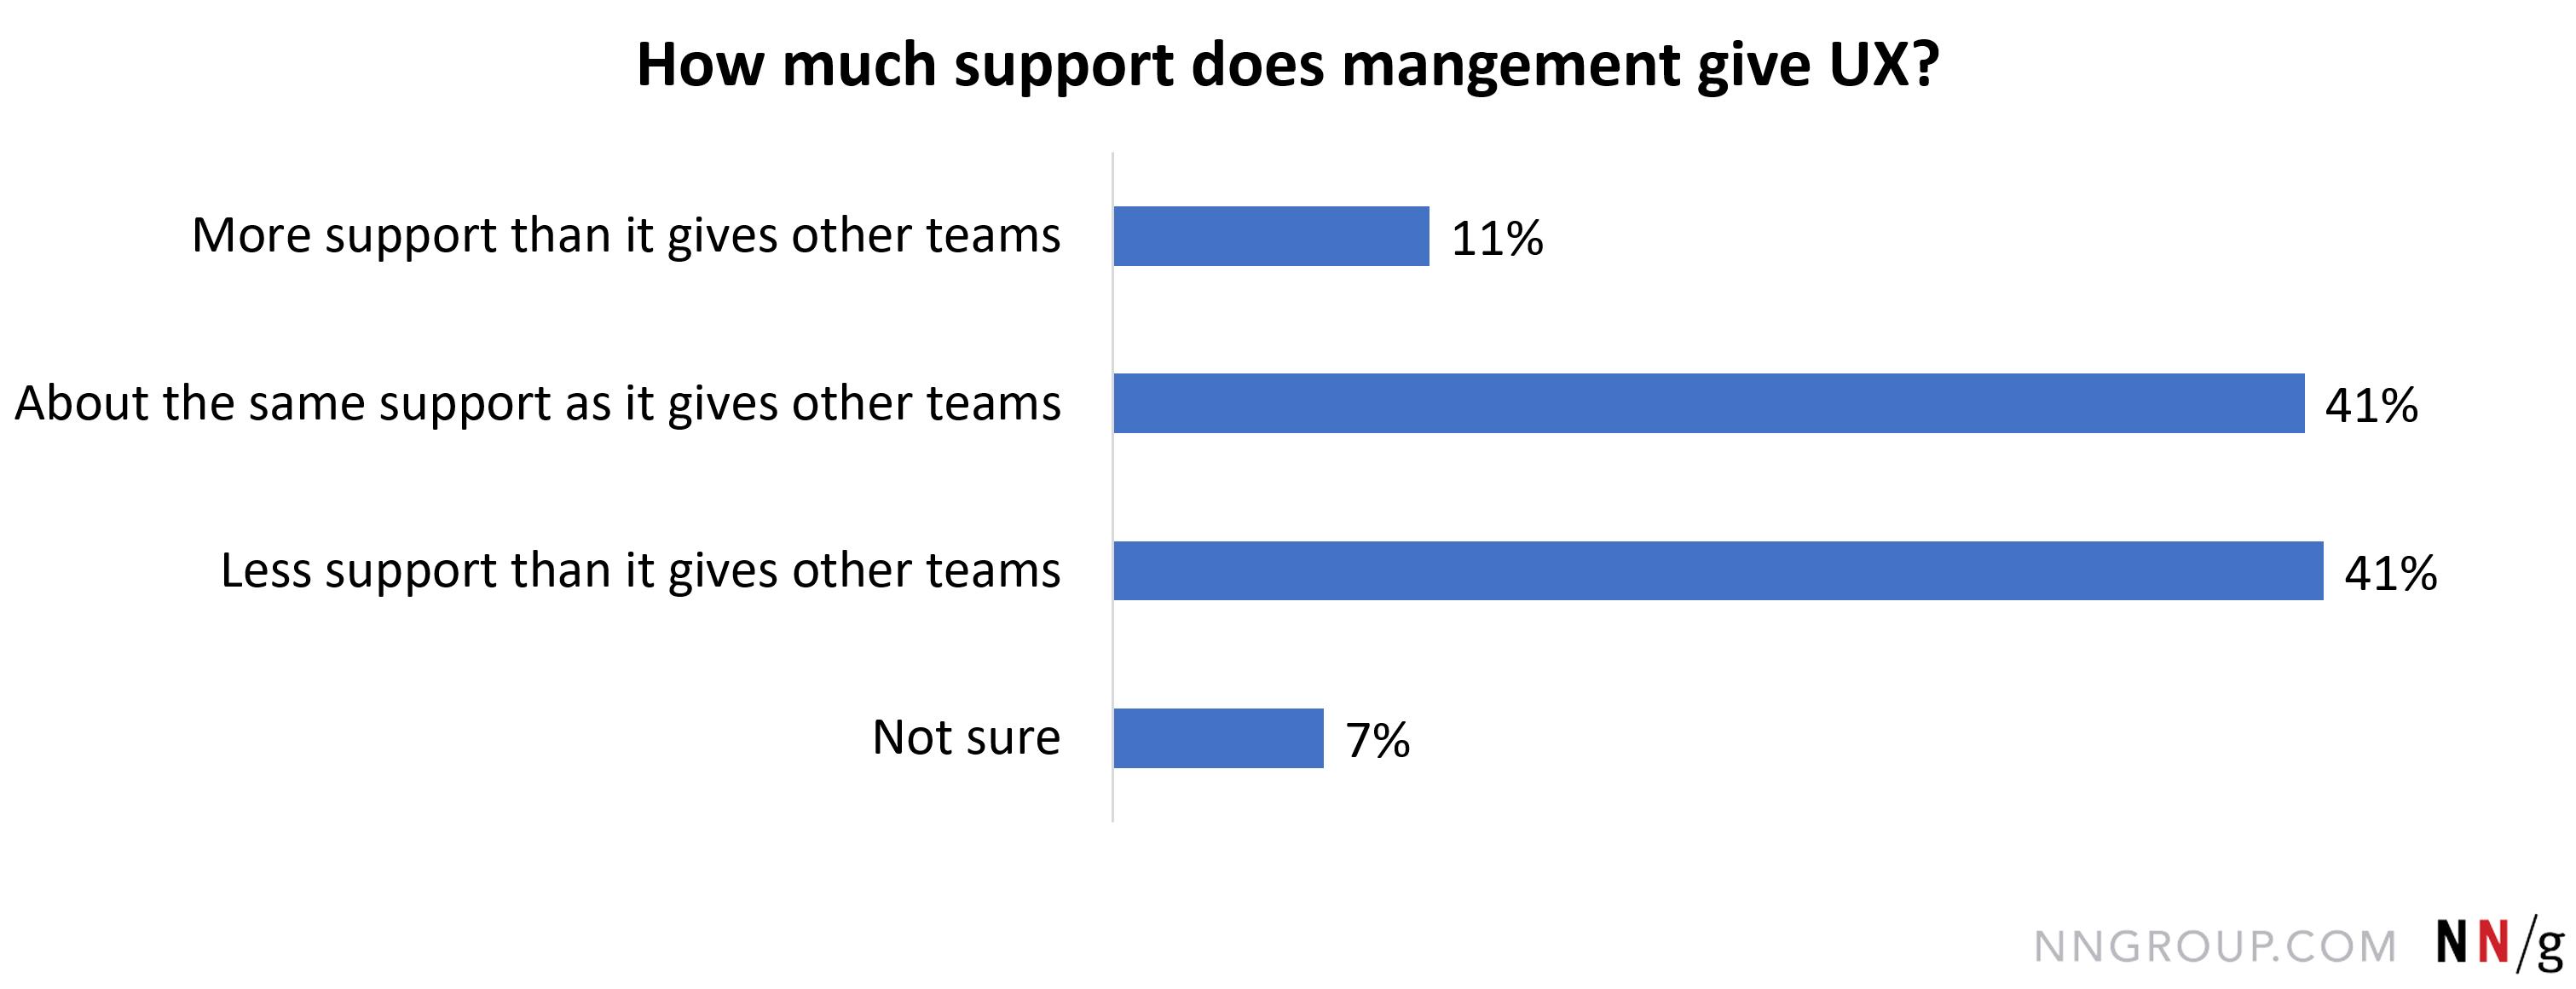 管理层给予UX团队比大多数其他团队更少的支万博官网manbetx下载持,41岁。18%;管理给出了用户体验团队的支持,因为它给其他万博官网manbetx下载球队,40。85%;管理给出了用户体验团队更多的支持比给其他团万博官网manbetx下载队(如开发),7所示。19%;不确定,10。78%。。